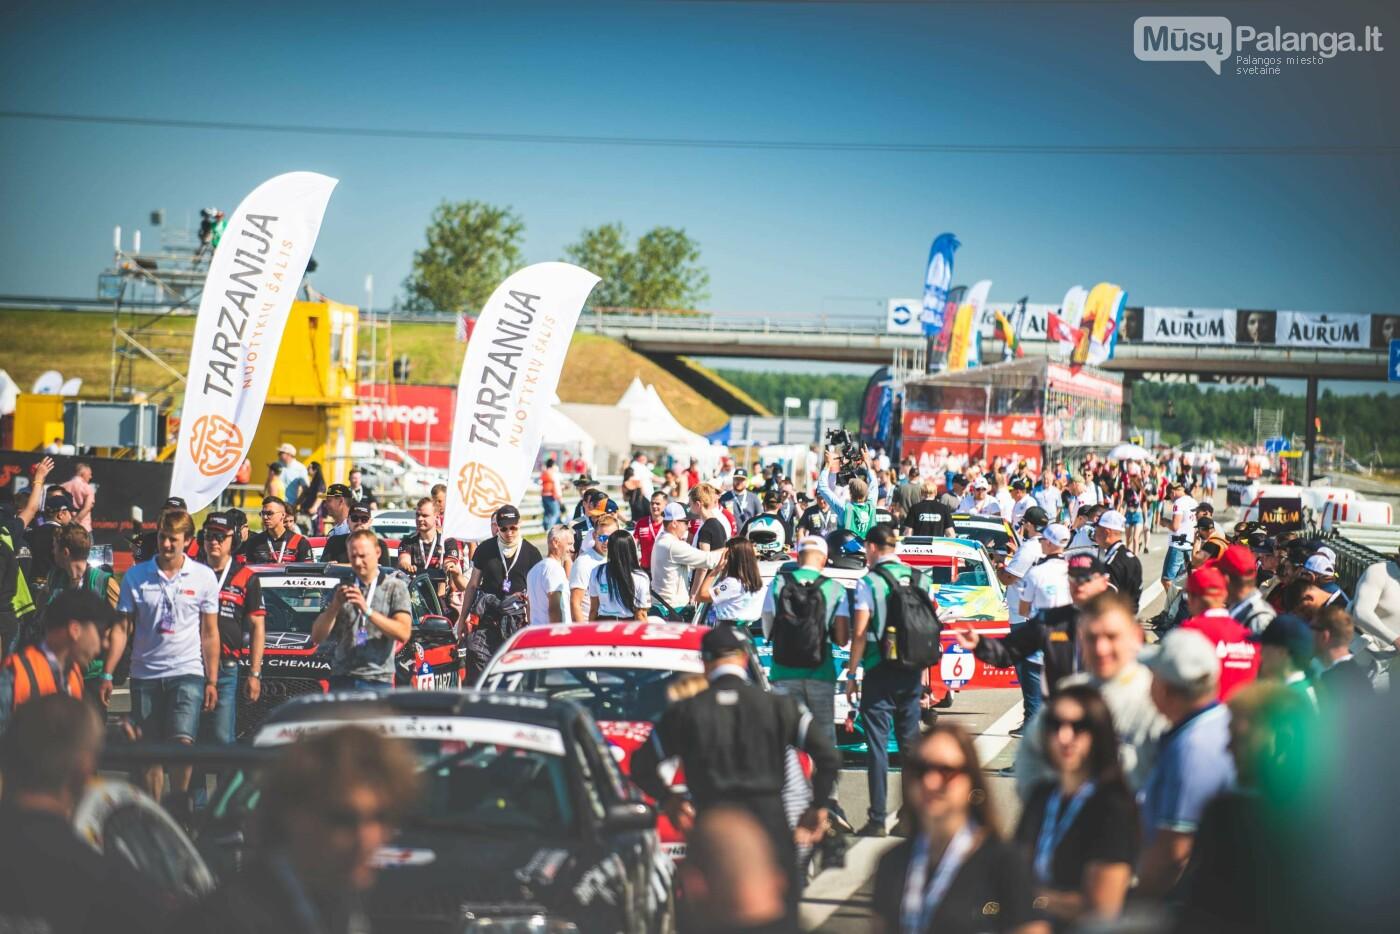 """Palangoje startavo """"Aurum 1006 km"""" lenktynės, nuotrauka-6, Vytauto PILKAUSKO ir Arno STRUMILOS nuotr."""